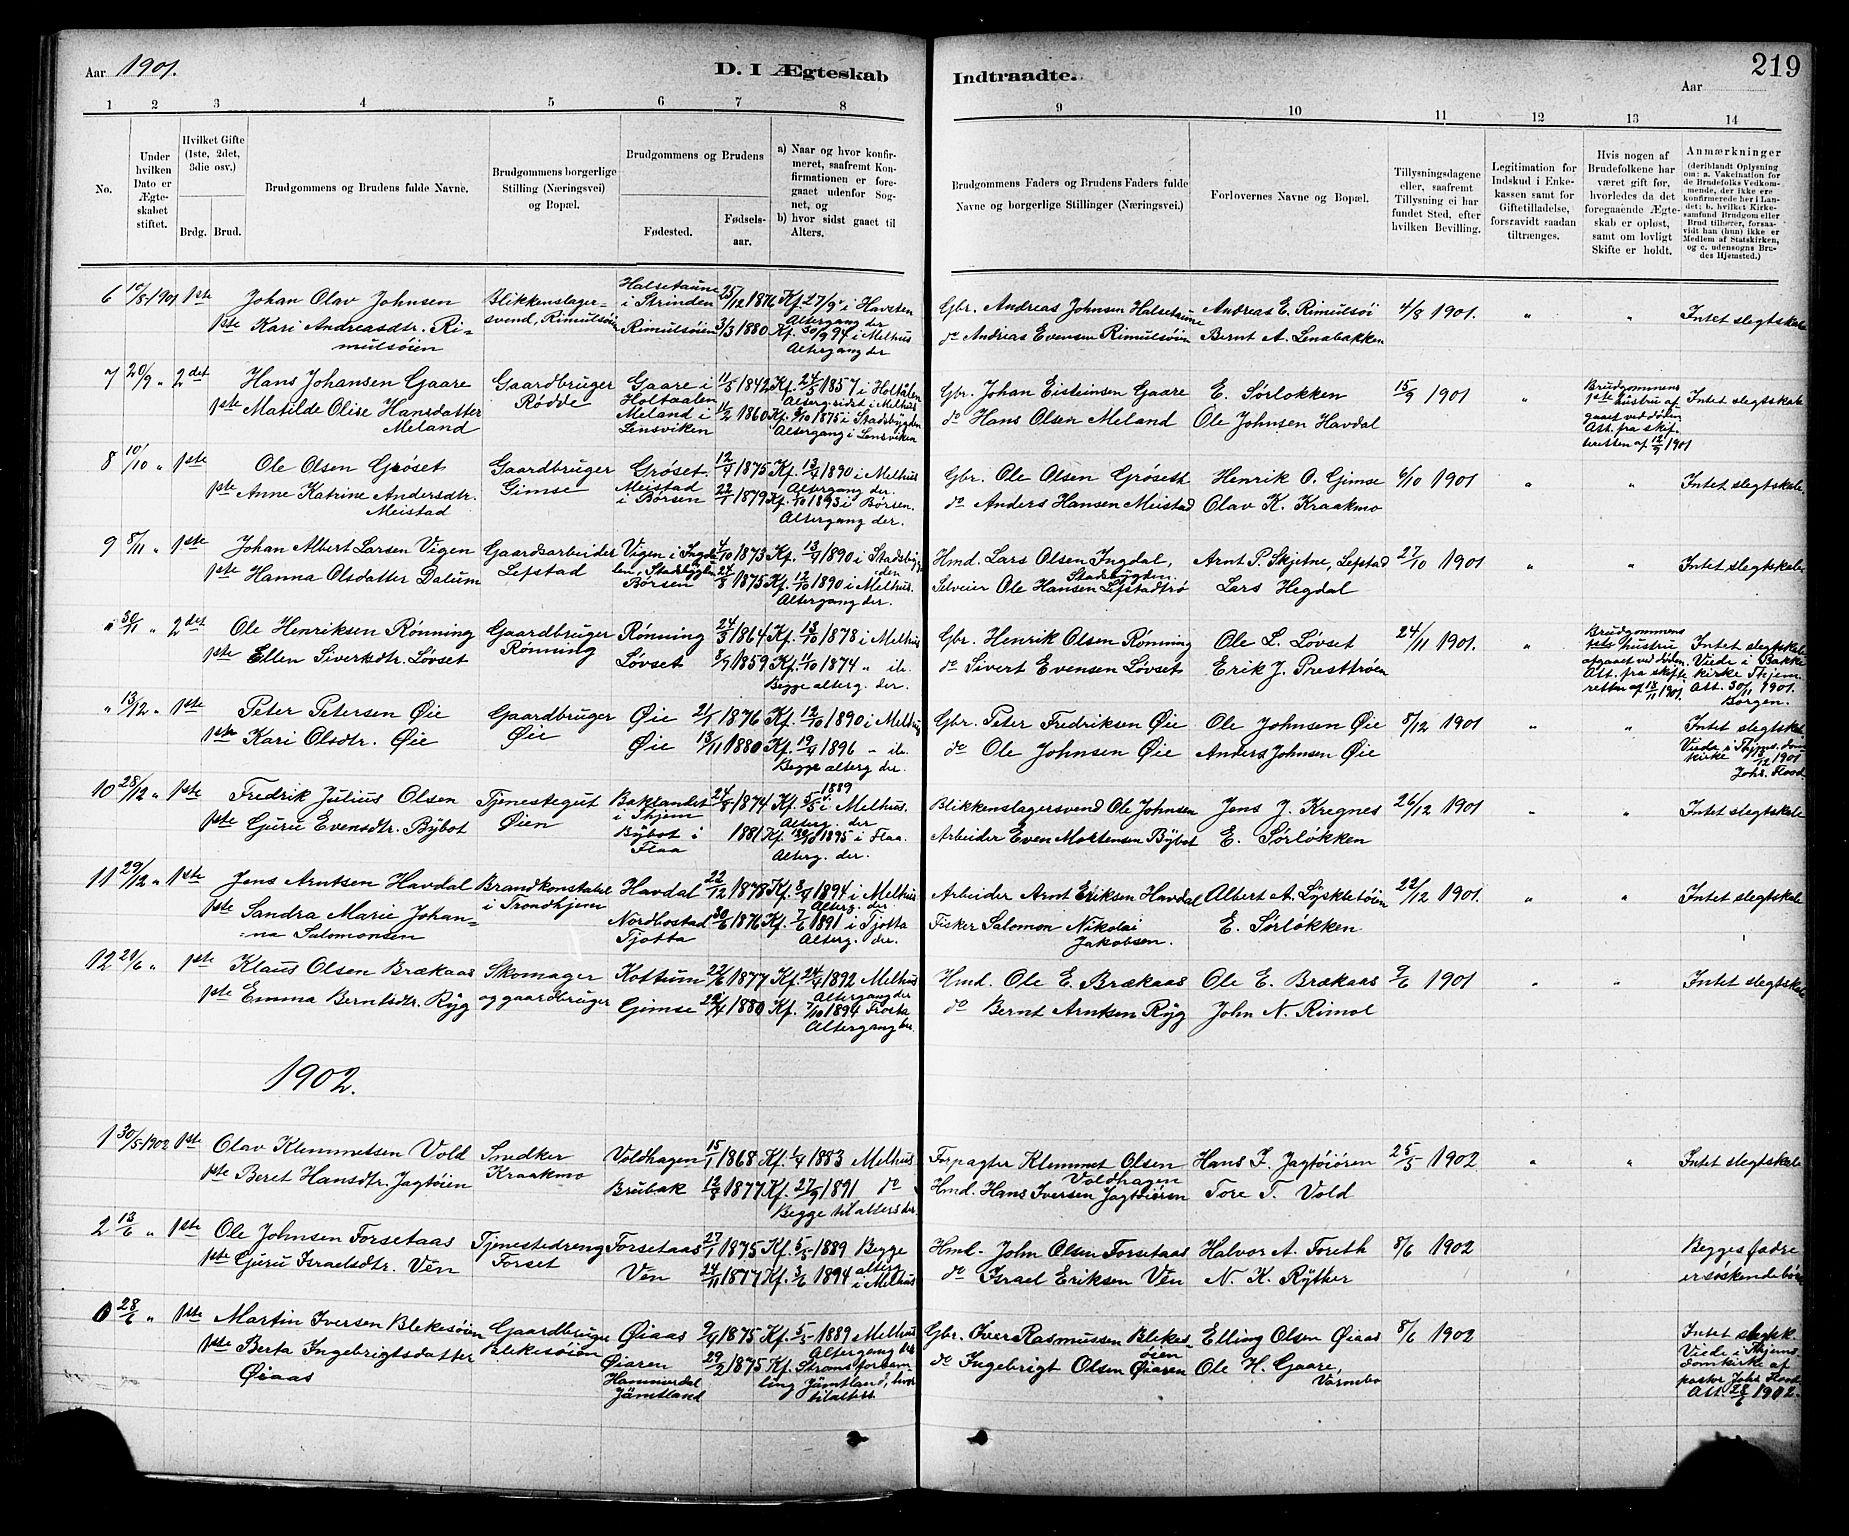 SAT, Ministerialprotokoller, klokkerbøker og fødselsregistre - Sør-Trøndelag, 691/L1094: Klokkerbok nr. 691C05, 1879-1911, s. 219